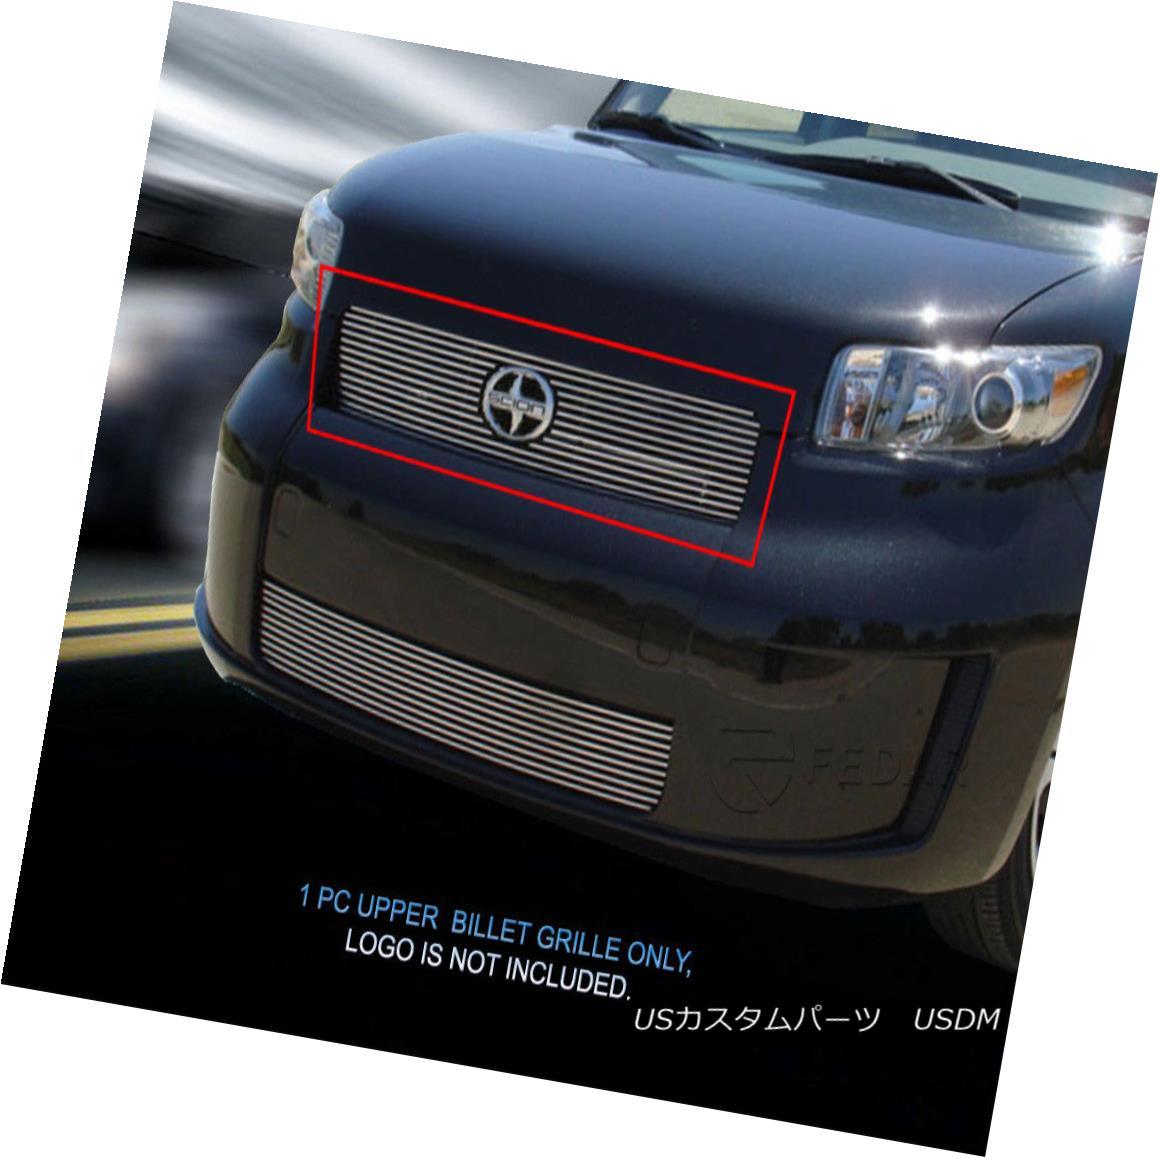 グリル For 2008-2010 Scion XB Bolt-On Billet Grille Main Upper Grill Insert Fedar 2008-2010シオンXBボルトオンビレットグリルメインアッパーグリルインサートフェルダ